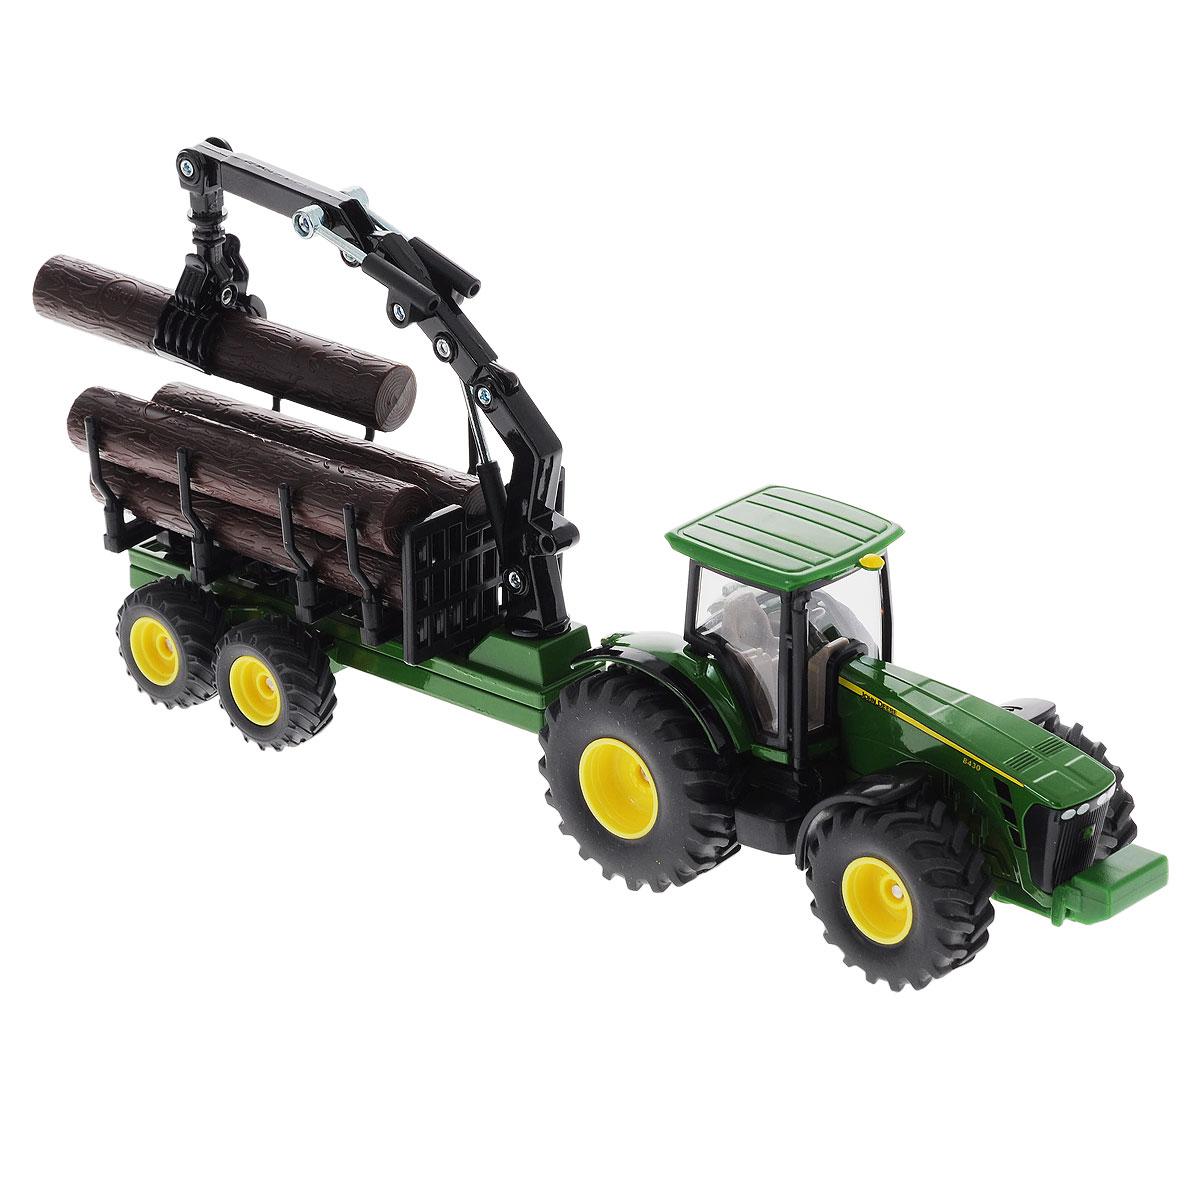 Siku Трактор-лесовоз John Deere 8430 машины tomy john deere трактор monster treads с большими колесами и вибрацией